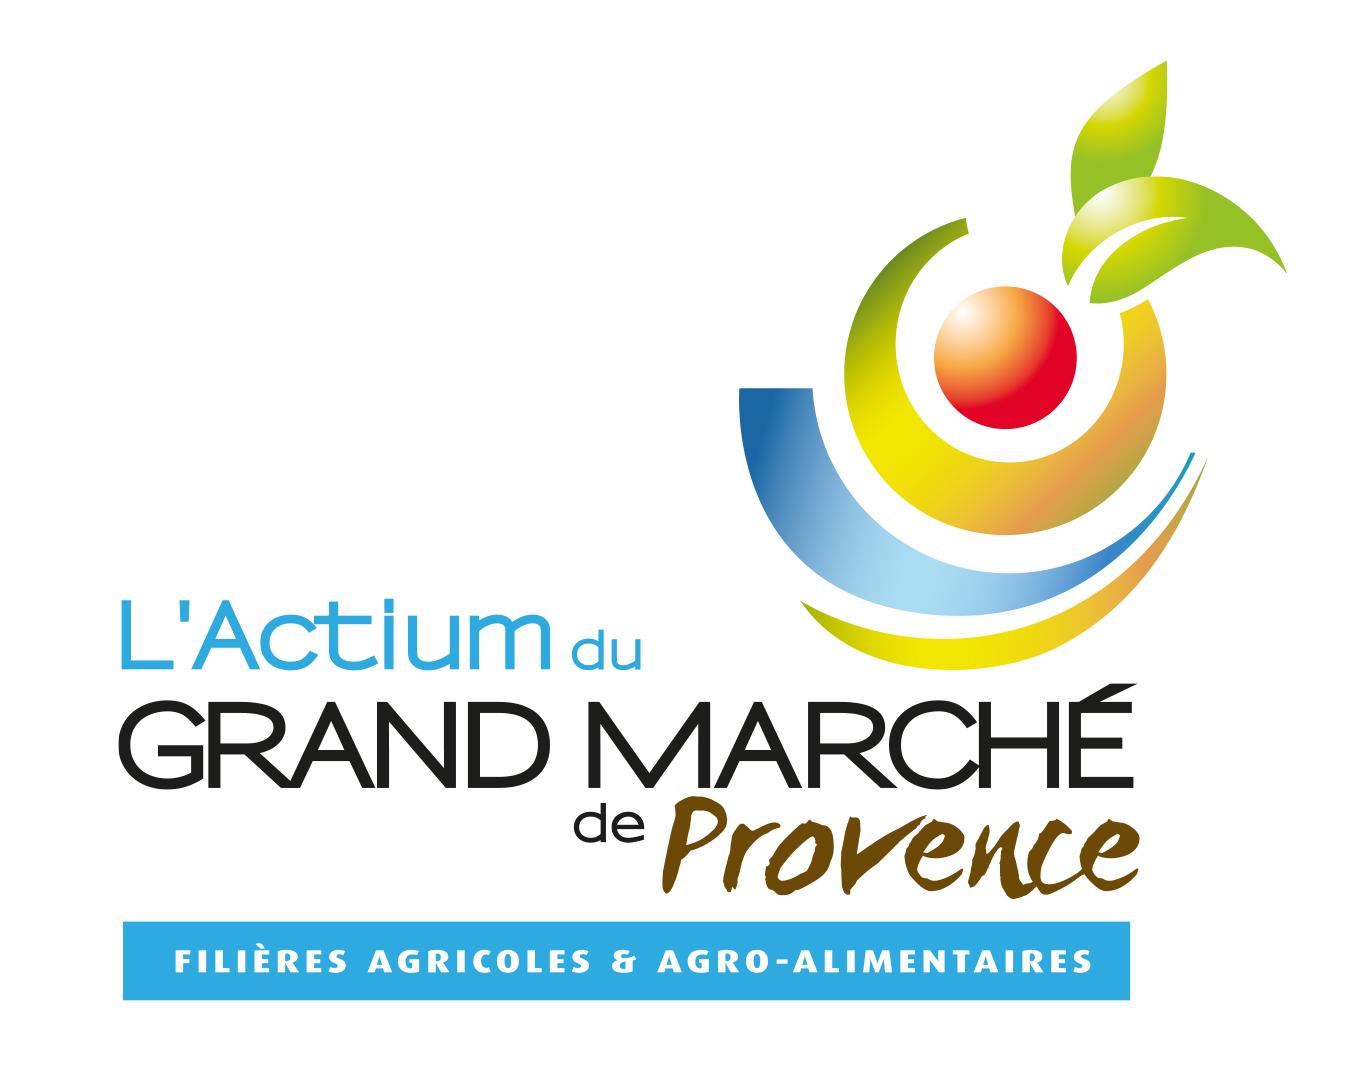 Grand Marché de Provence